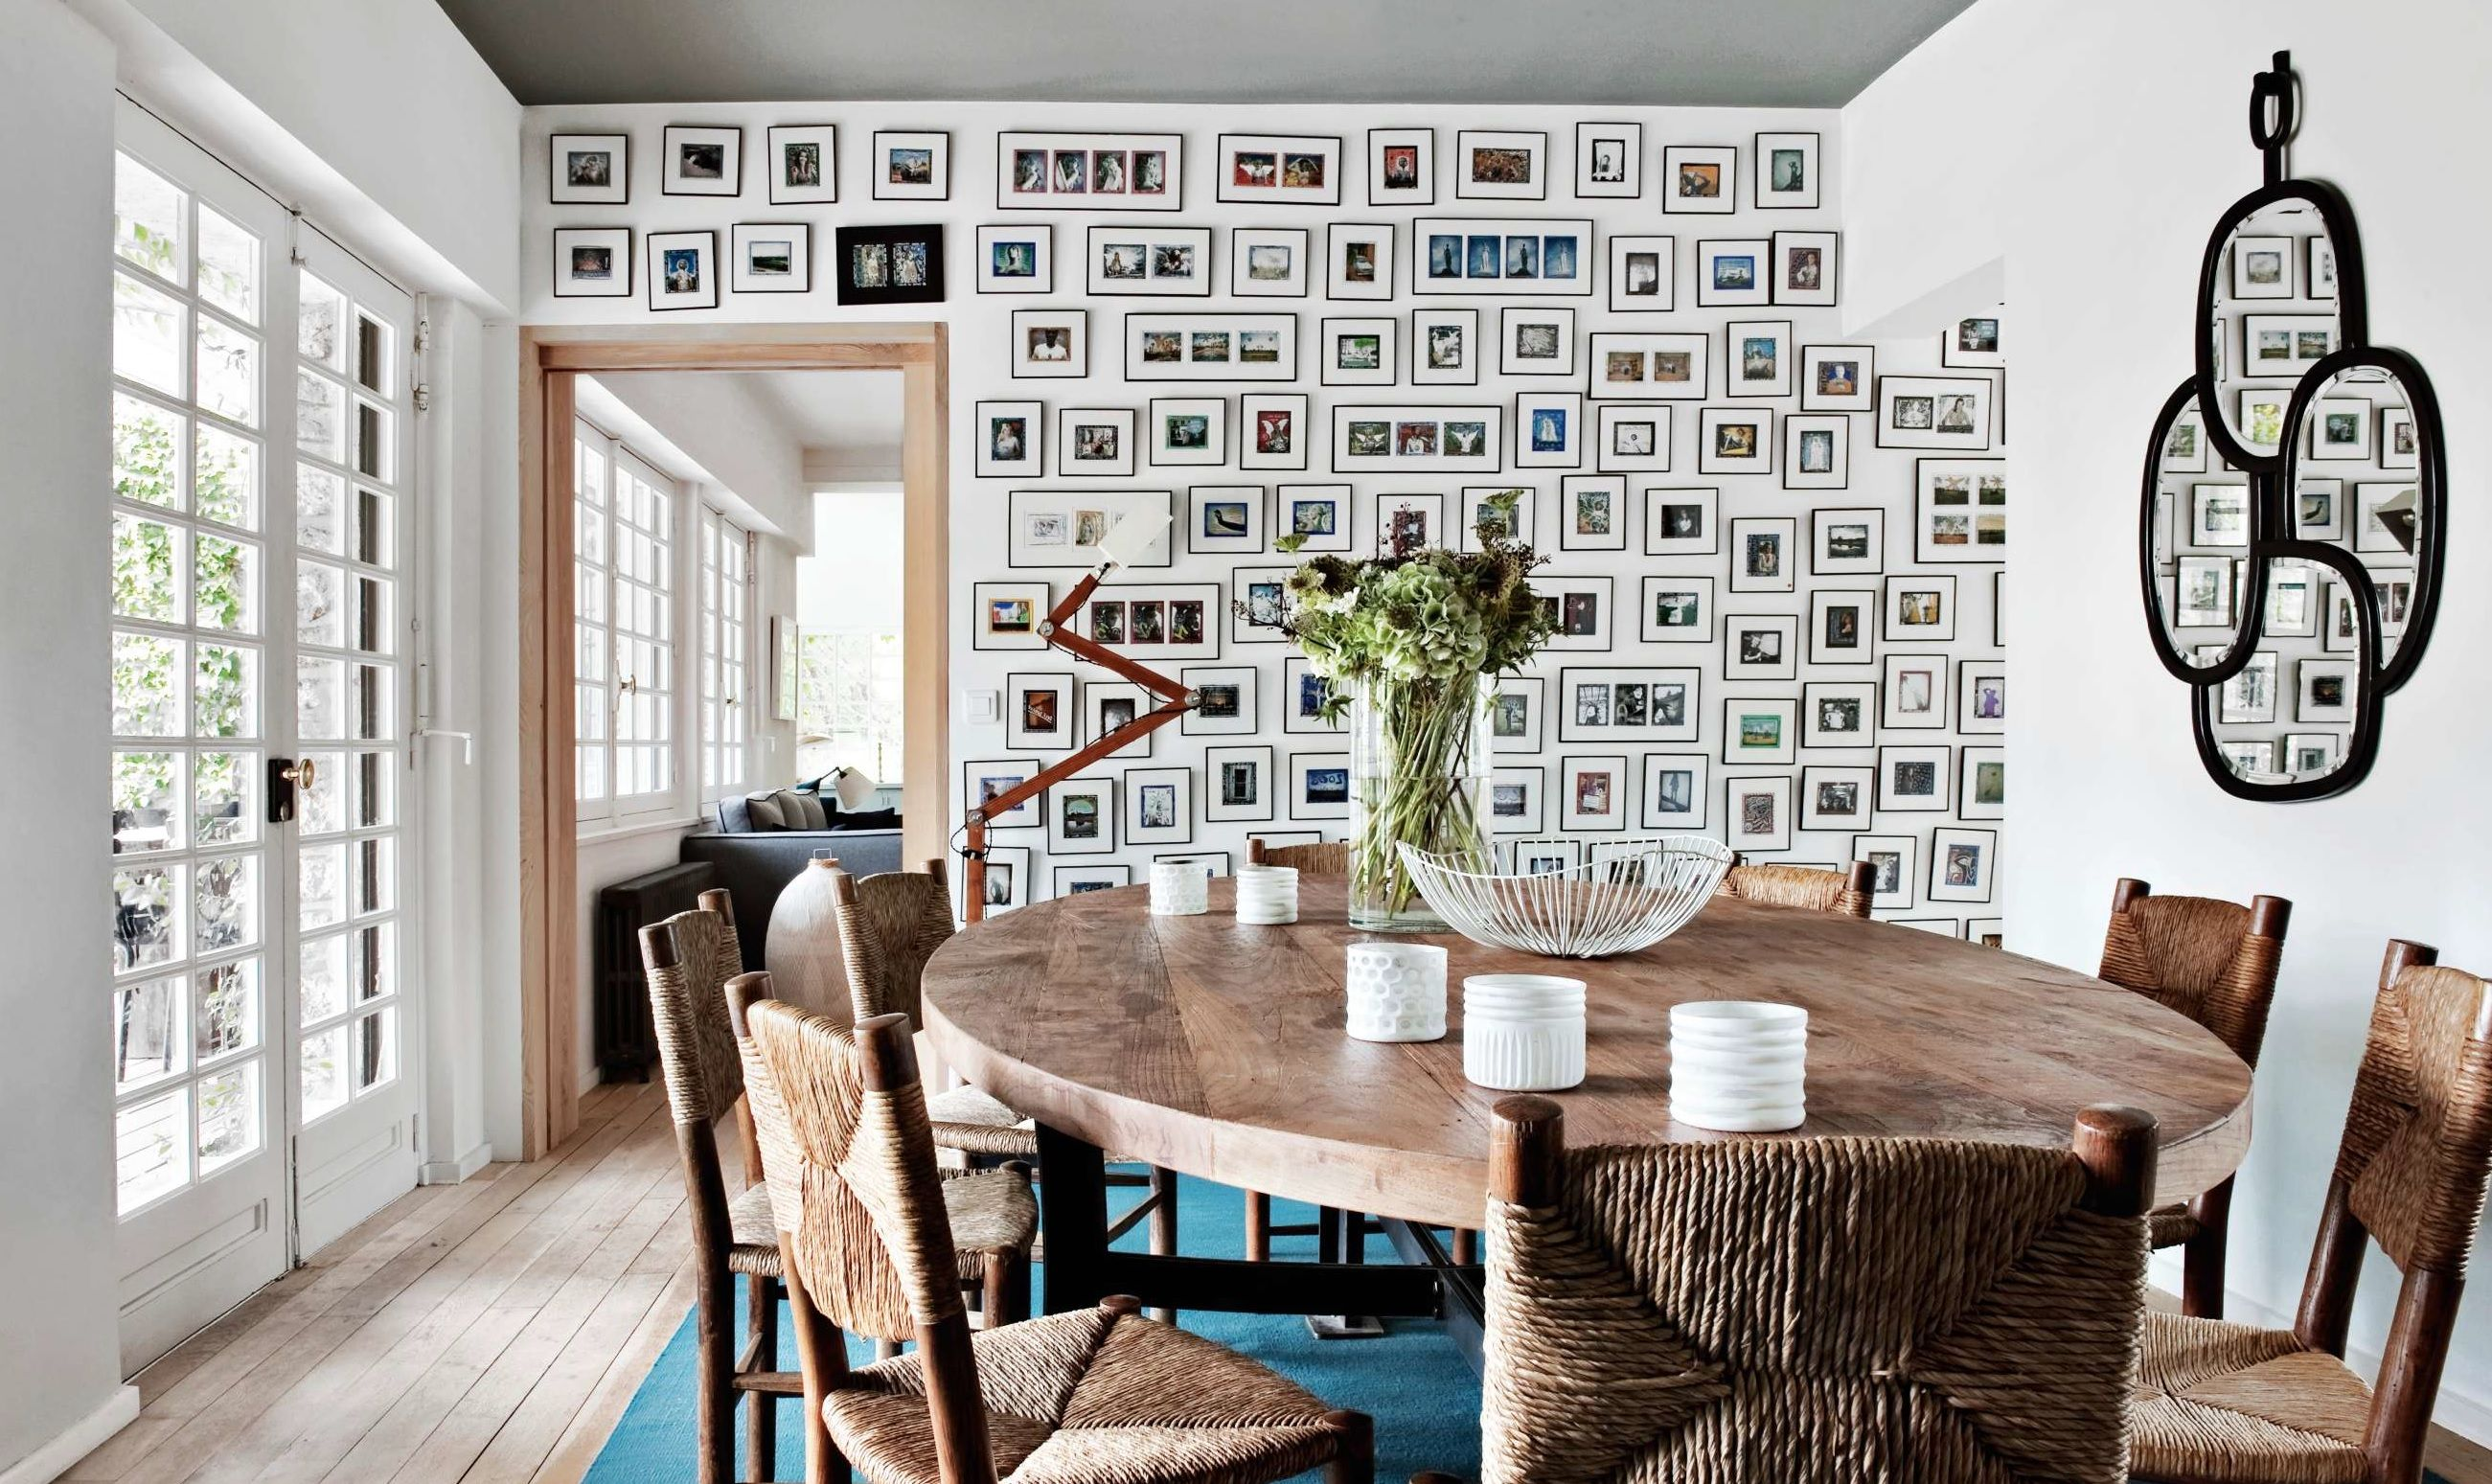 Sala Da Bagno In Inglese : Oggetti della sala da pranzo in inglese cibo in inglese schede